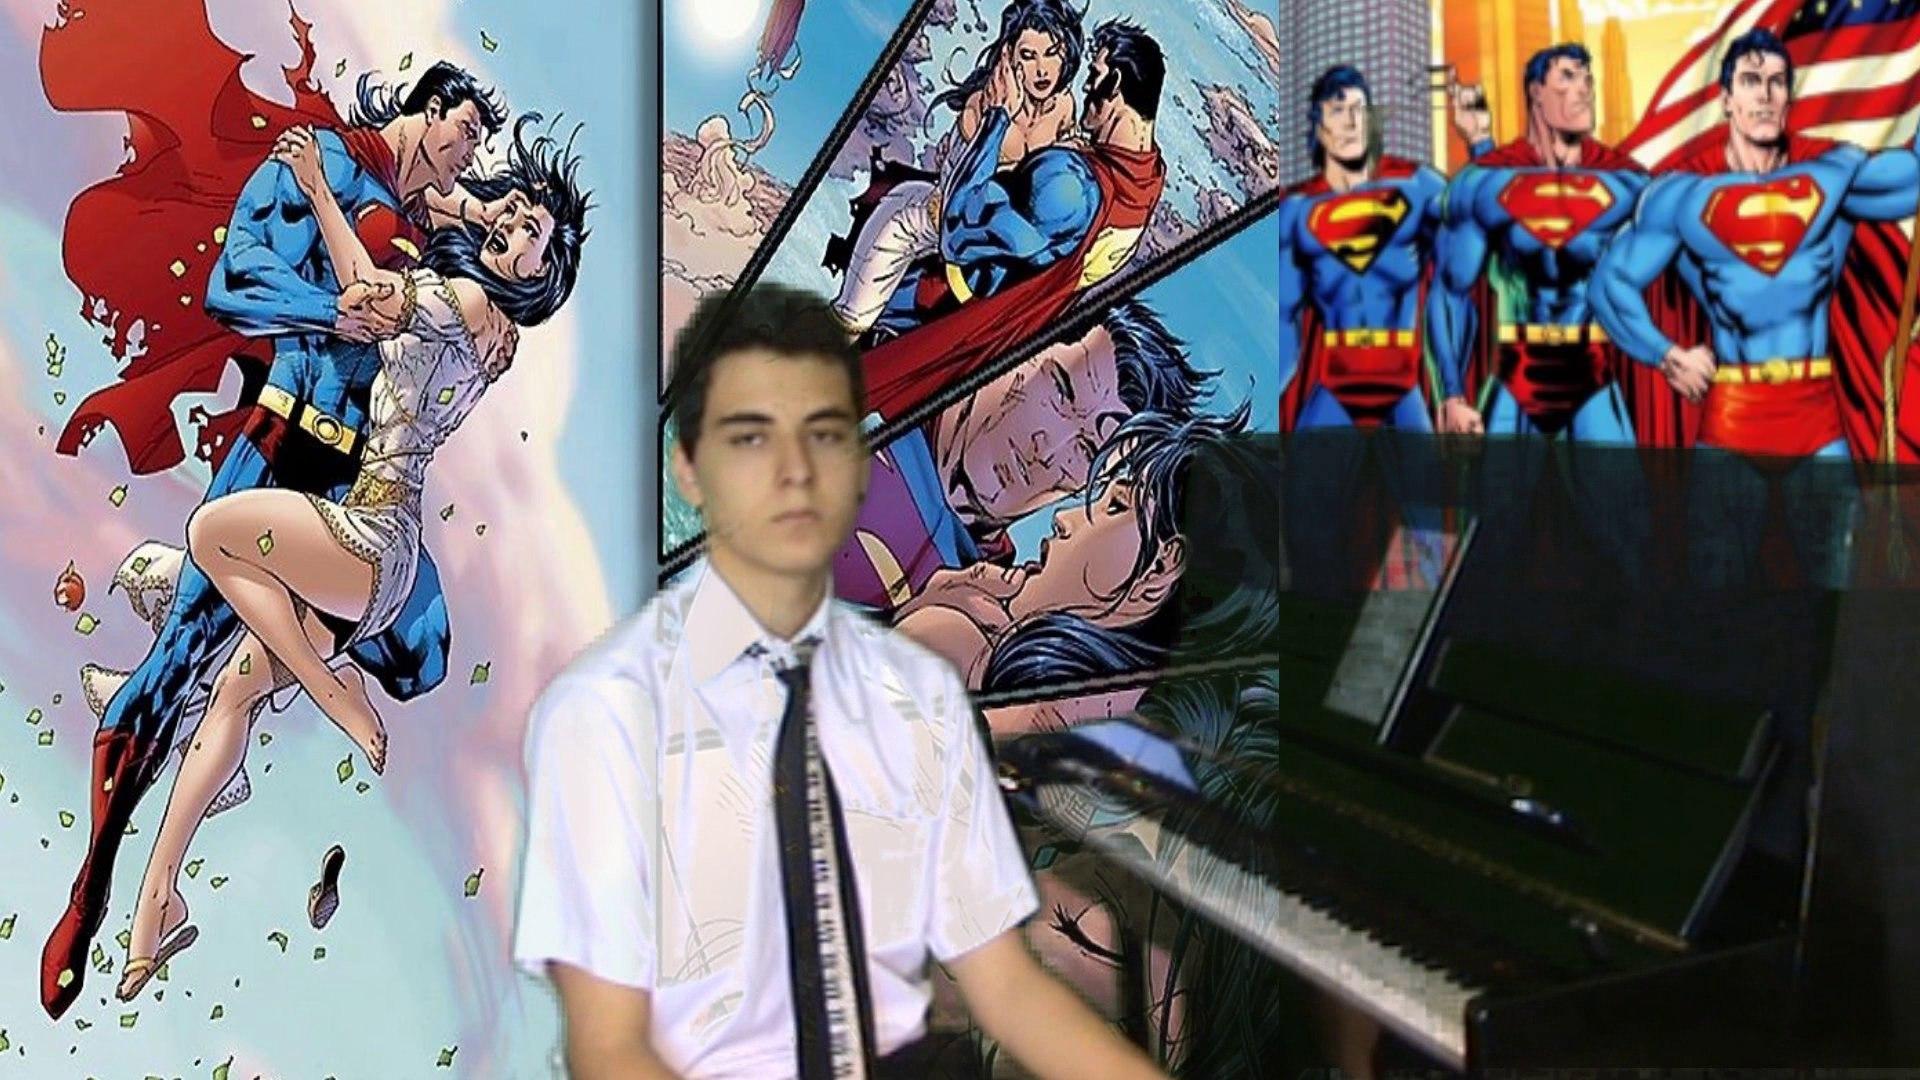 Film Müziği SUPERMAN Piyano Türkçe Film Muzik Cover Canlı Çelik Enstrumantal Süper Adam mail Sinema